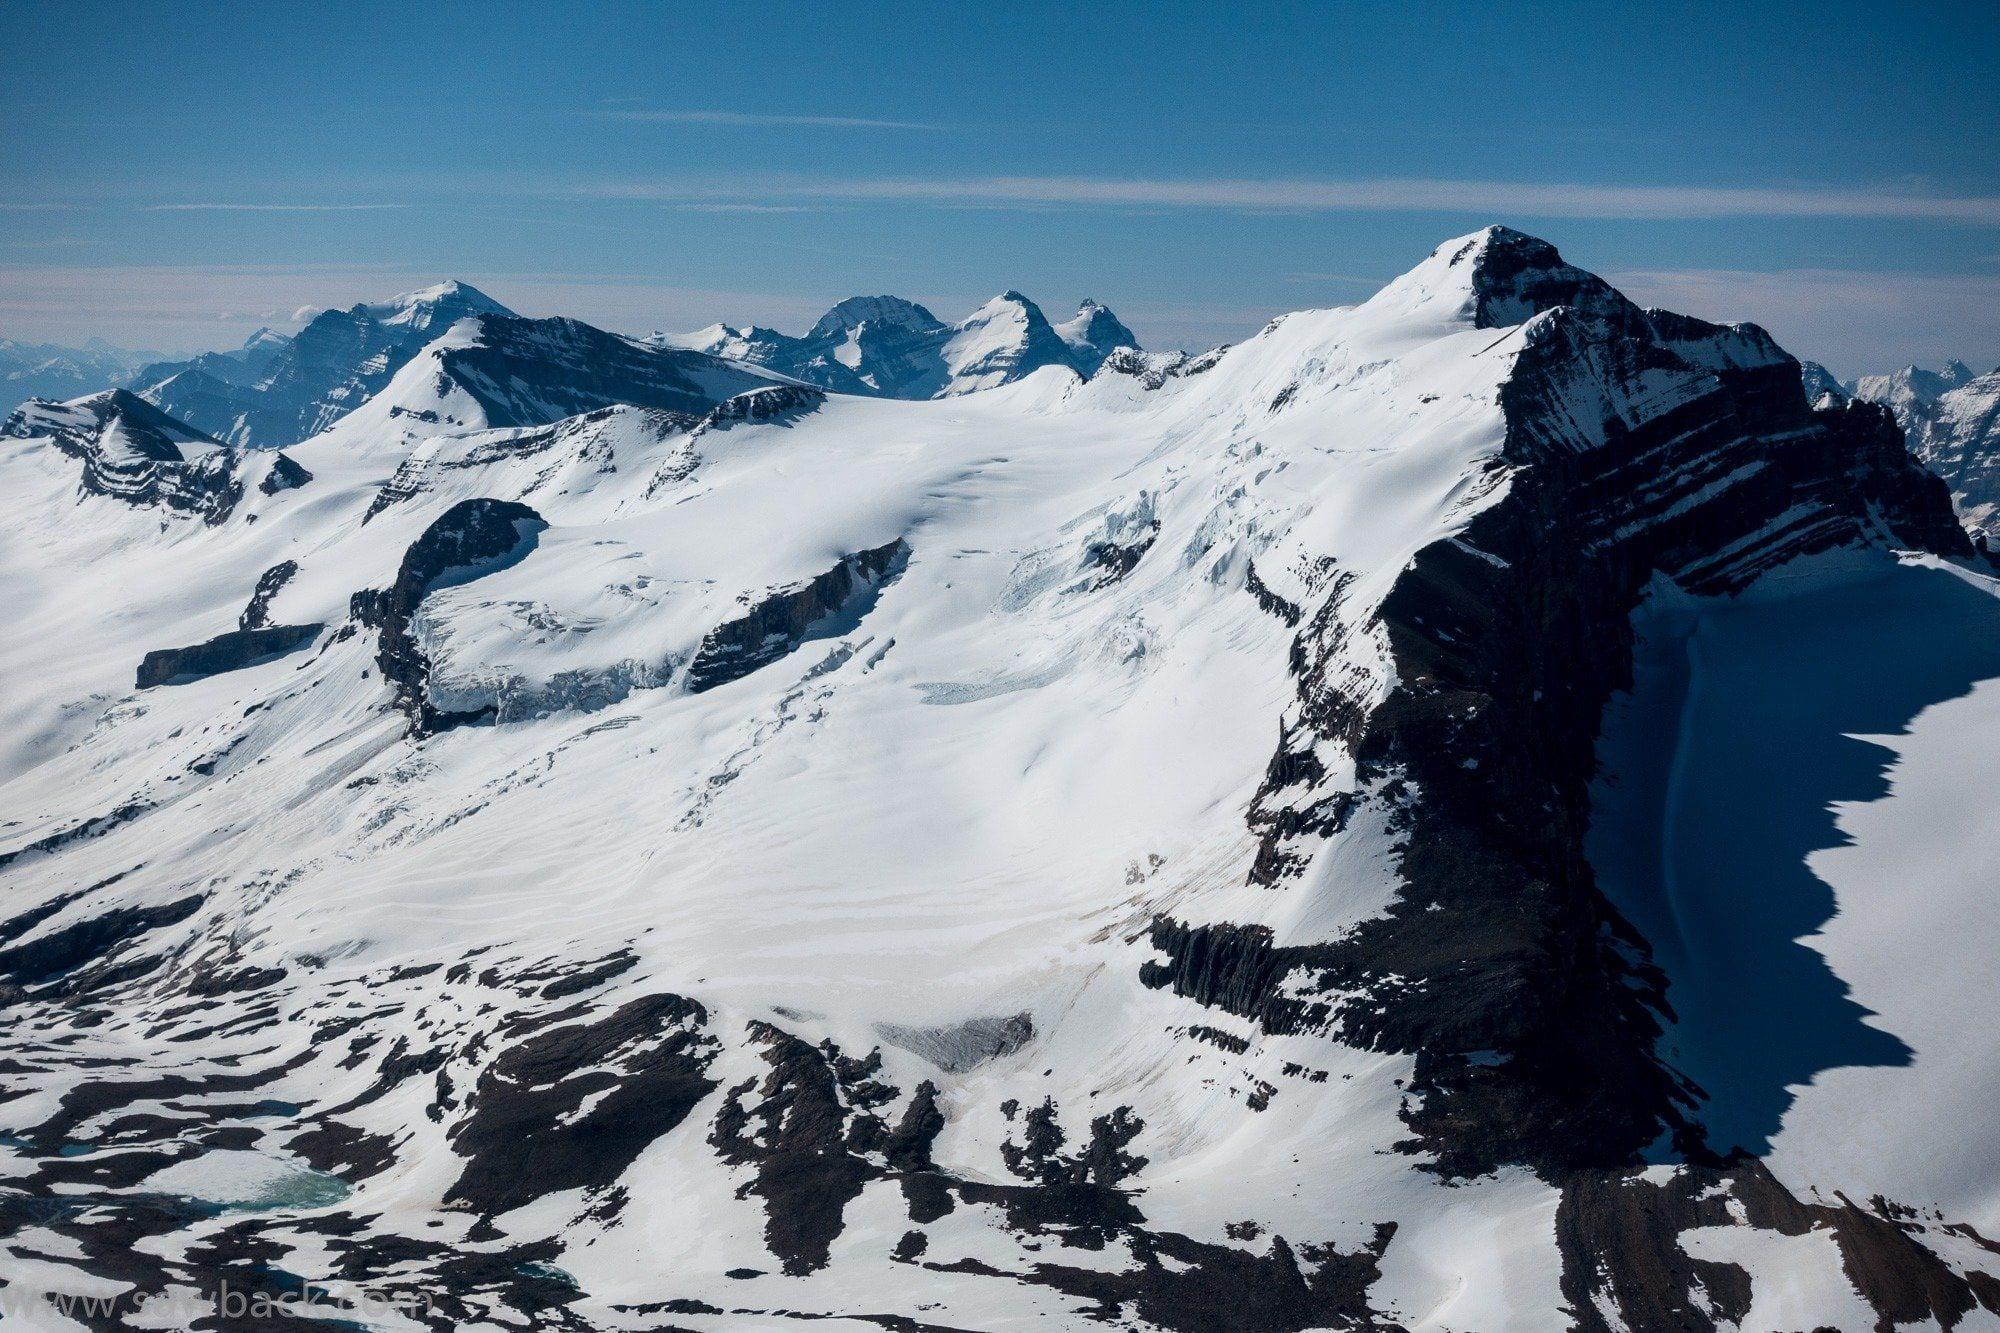 Balfour Peak and High Col